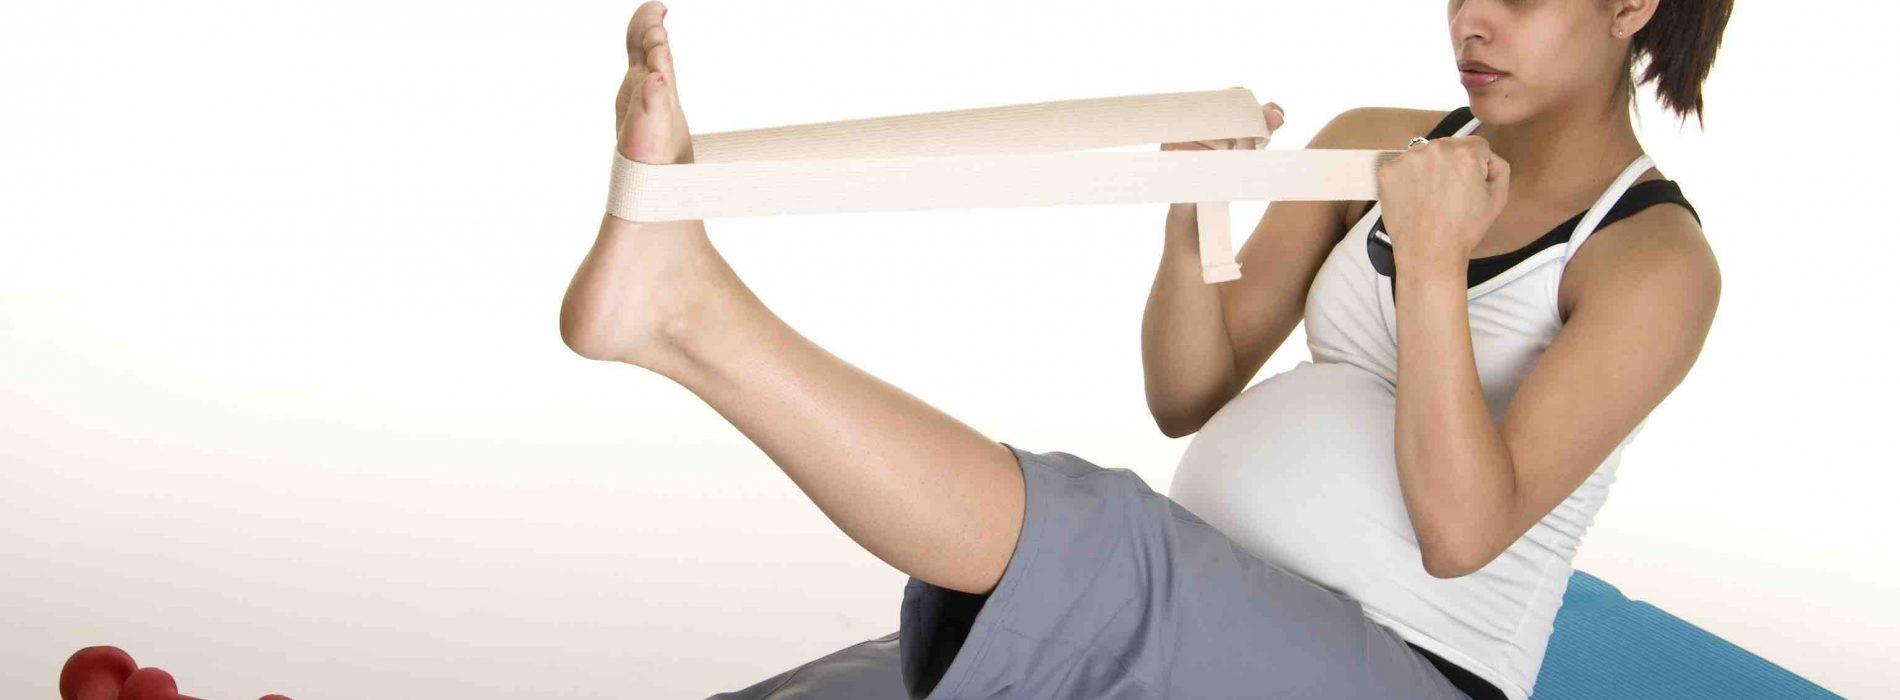 伸展運動‧舒緩孕期不適